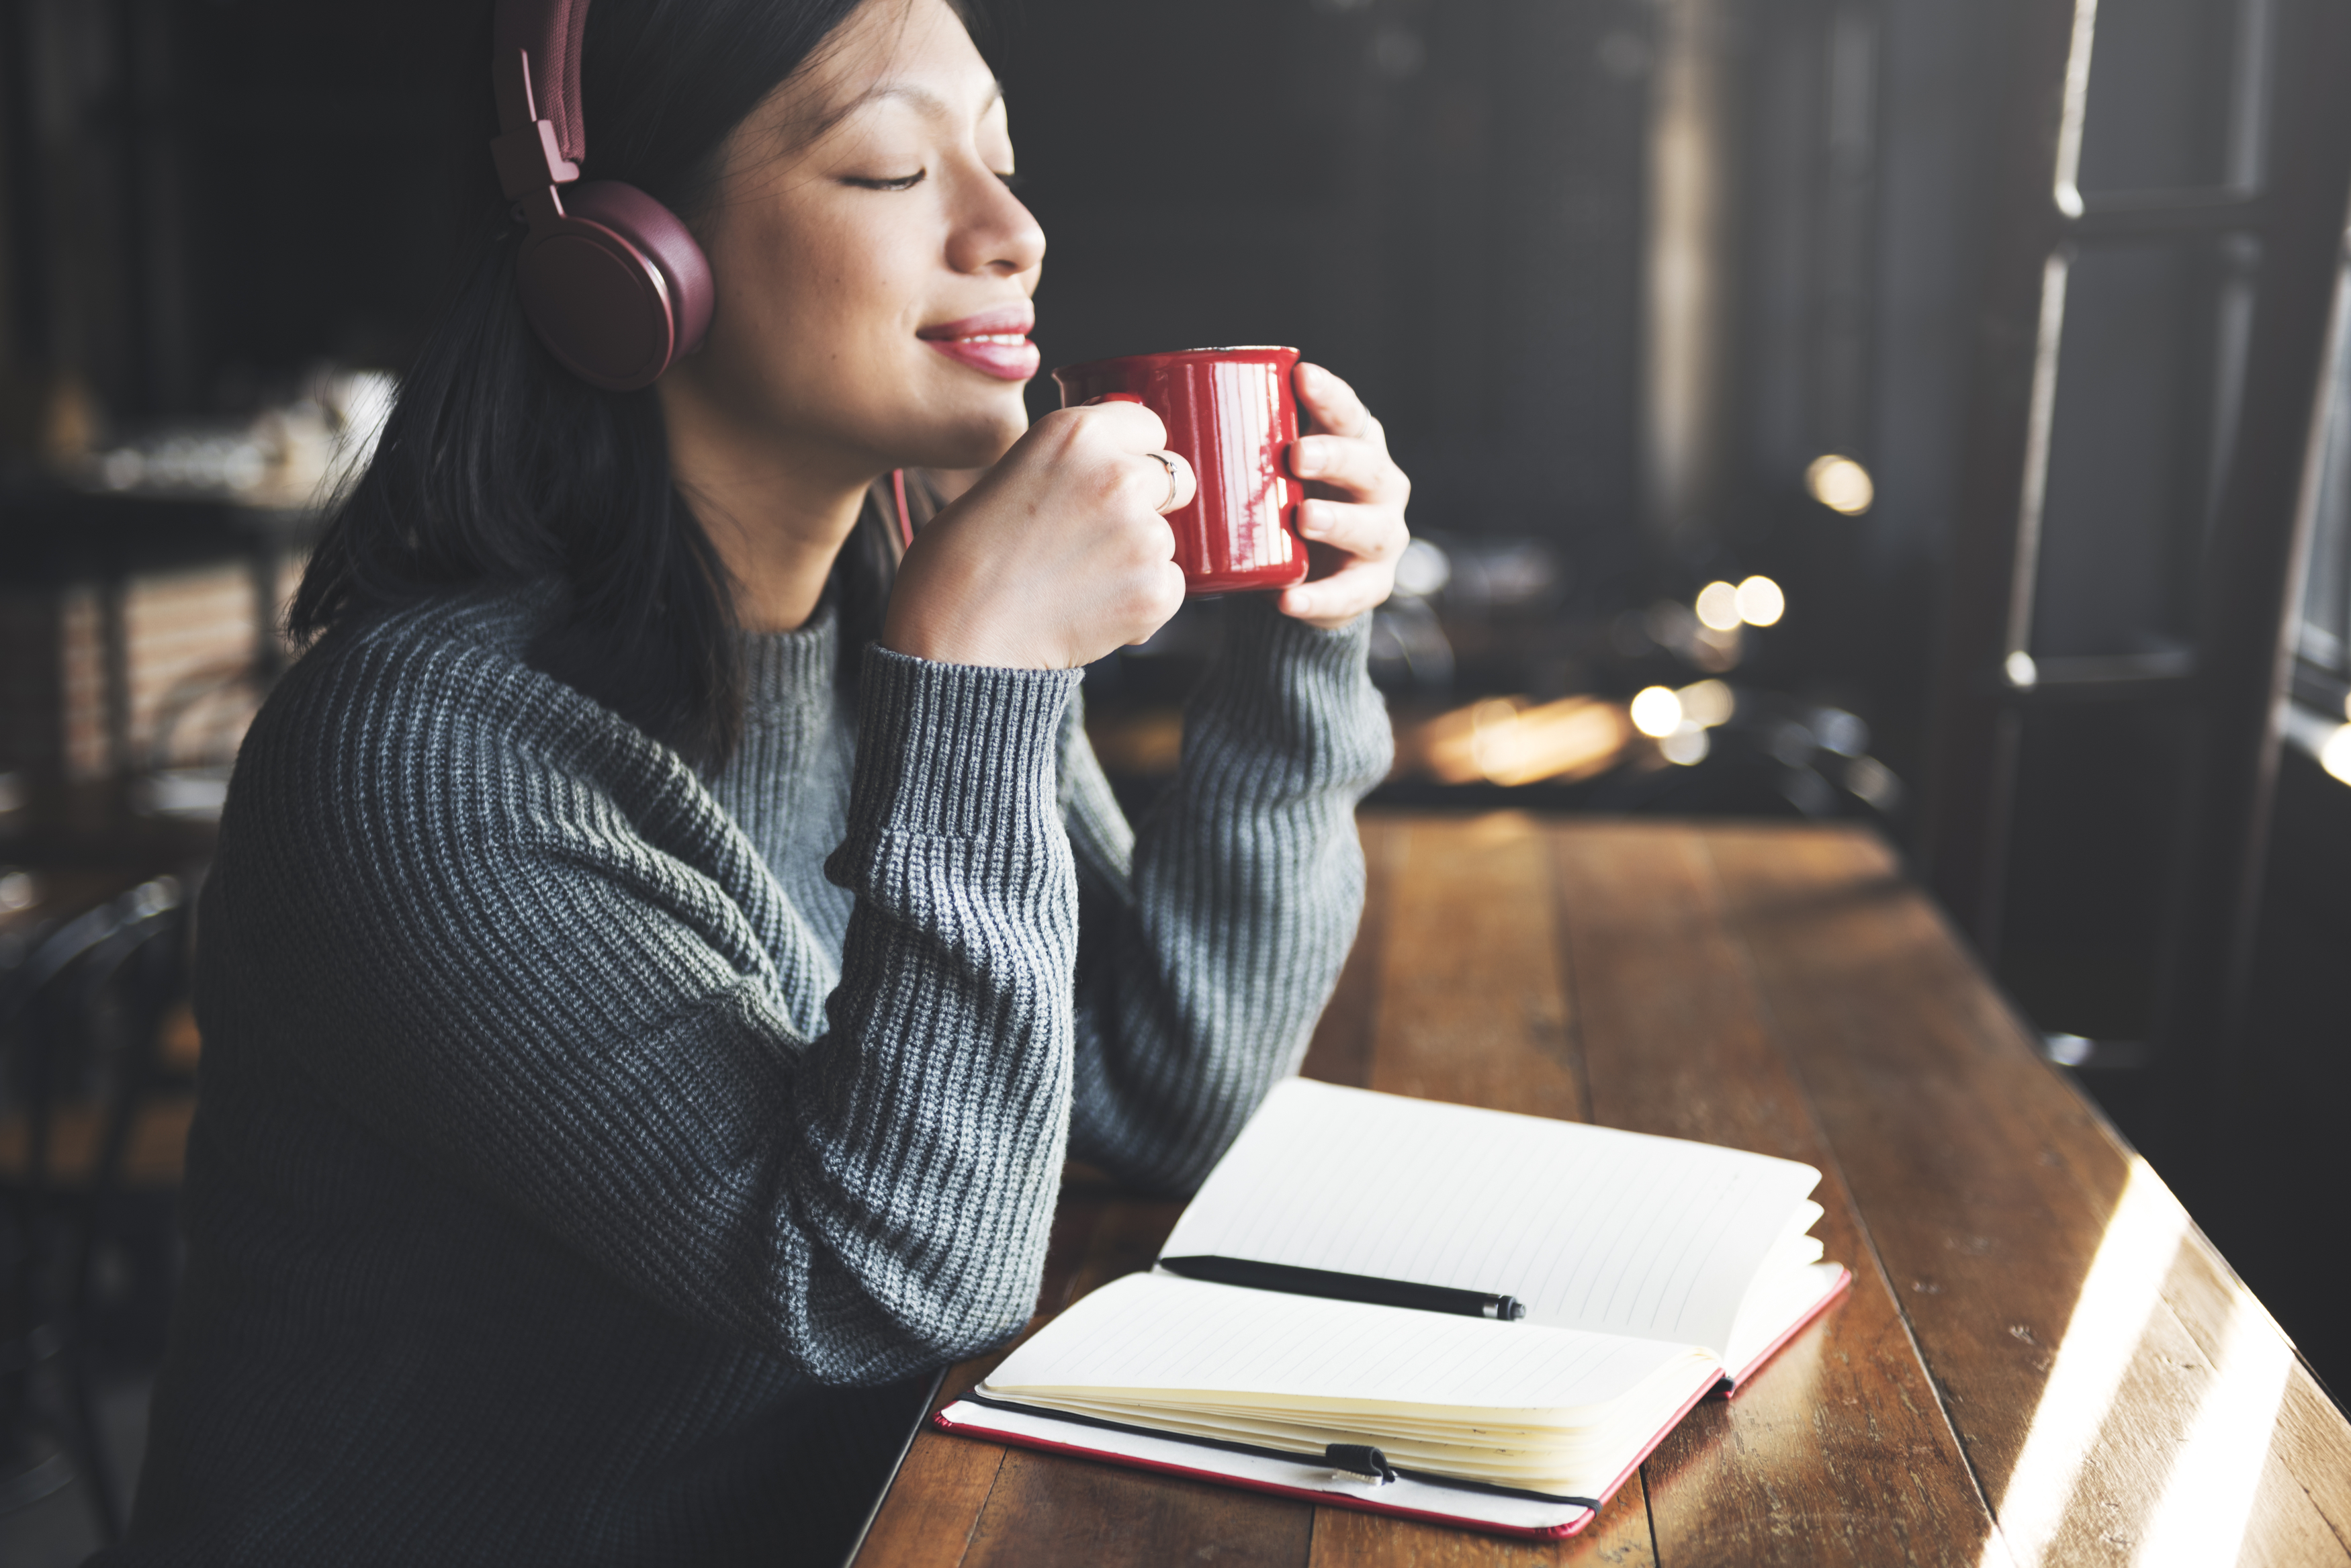 Kan man lyssna på musik när man pluggar?